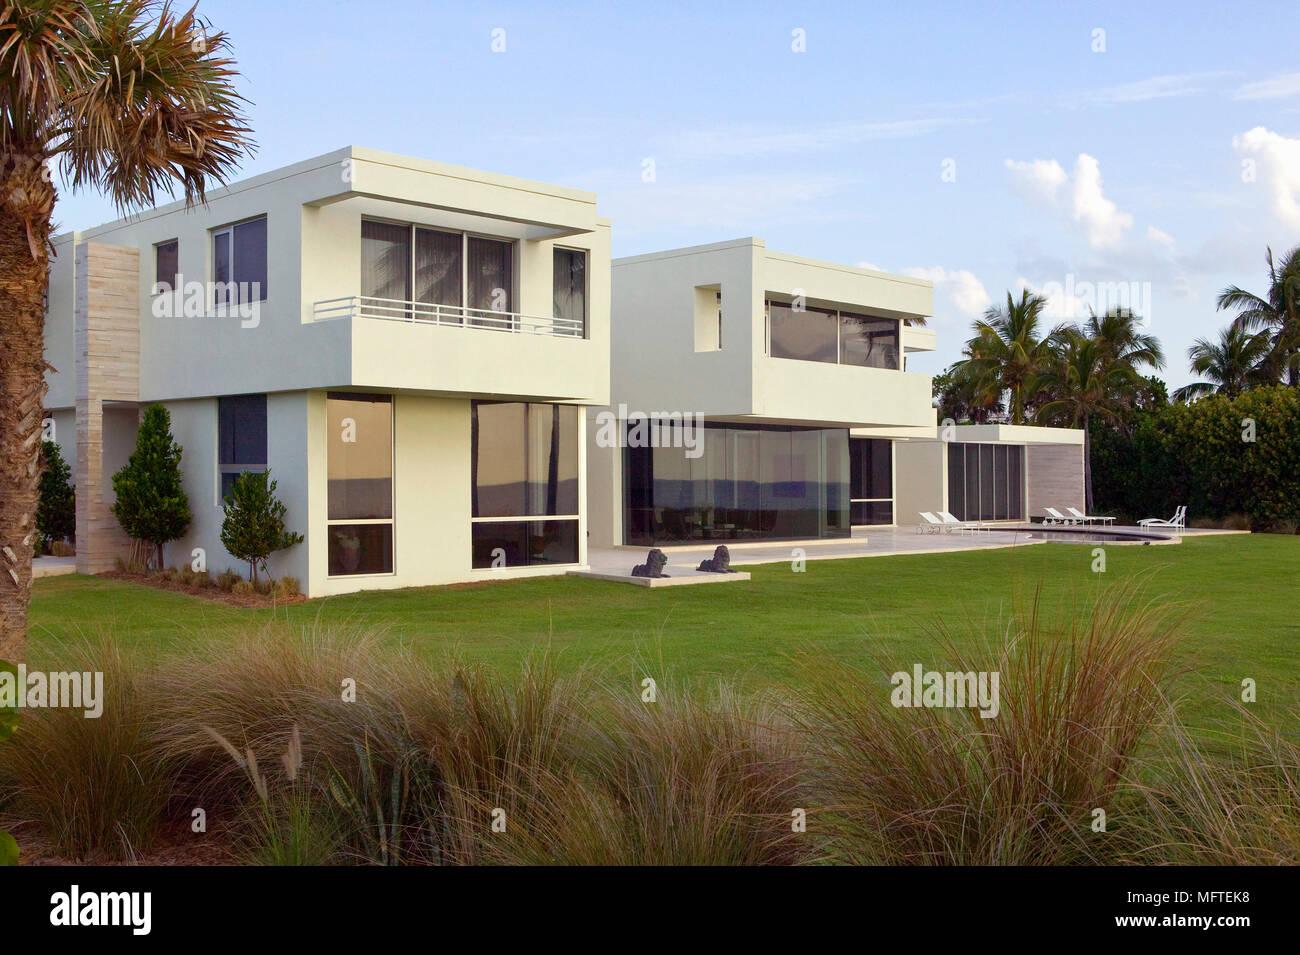 Colore Esterno Casa Moderna esterno della casa moderna con piscina foto & immagine stock